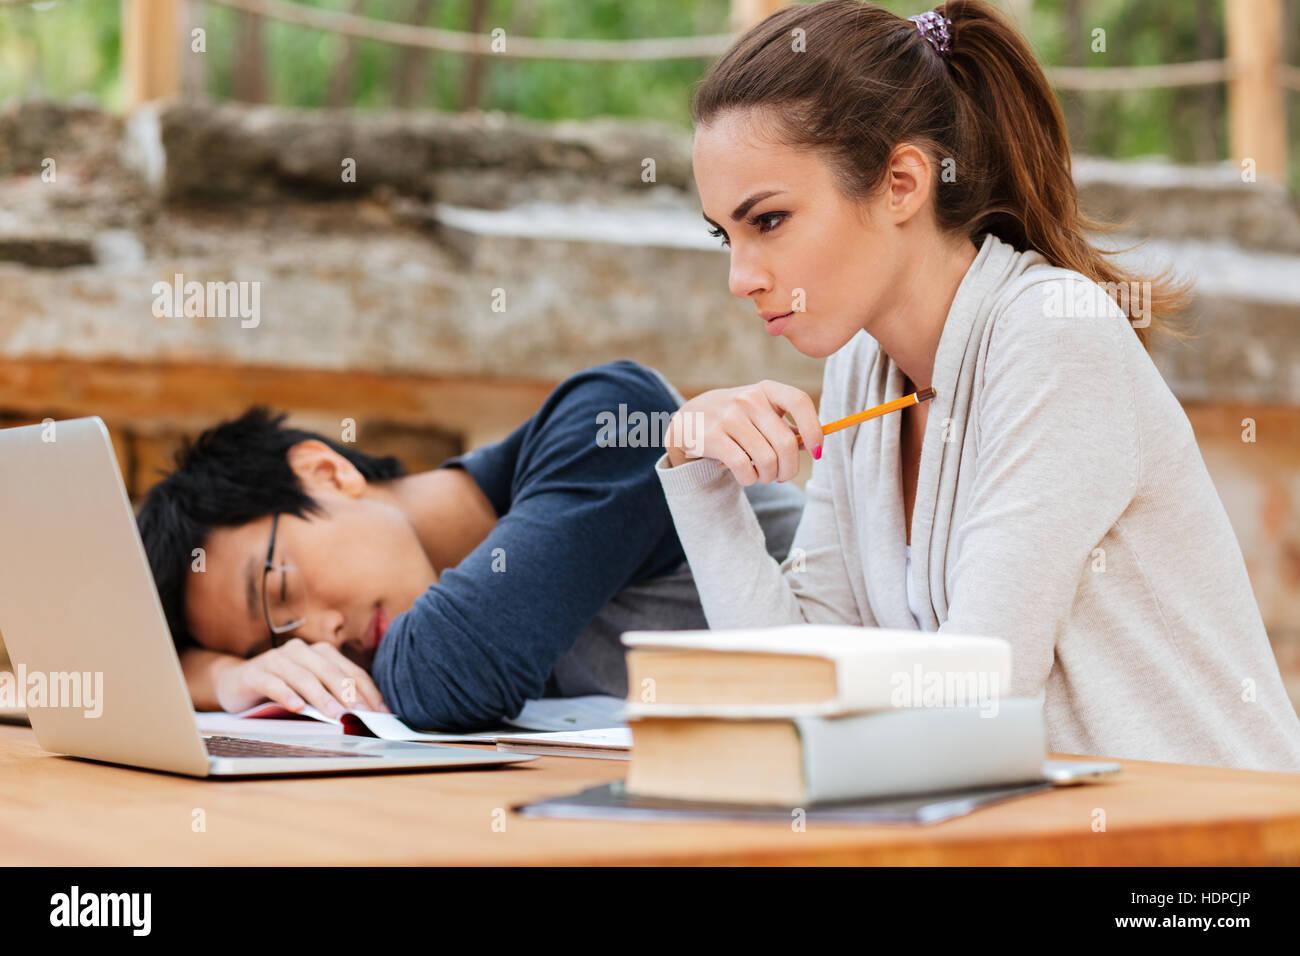 Konzentrierte sich die junge Frau sitzen und studieren in der Nähe von Menschen schlafen auf dem Schreibtisch Stockbild